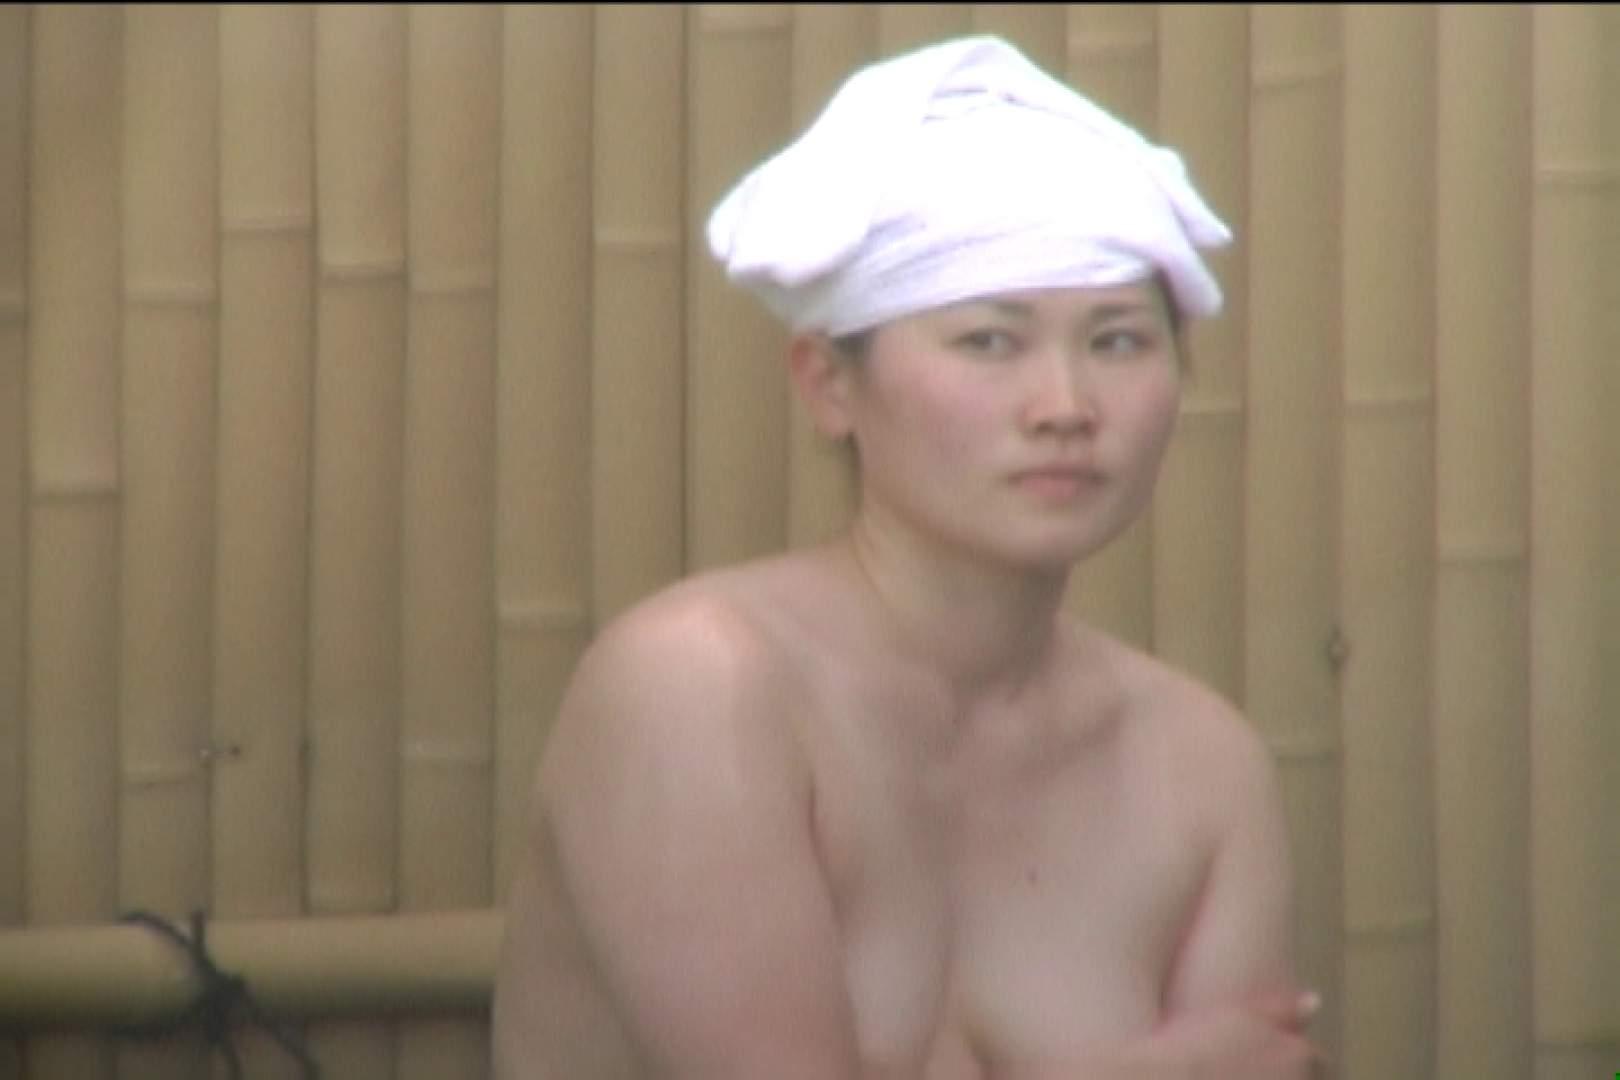 高画質露天女風呂観察 vol.015 OL女体 のぞき動画画像 85連発 72